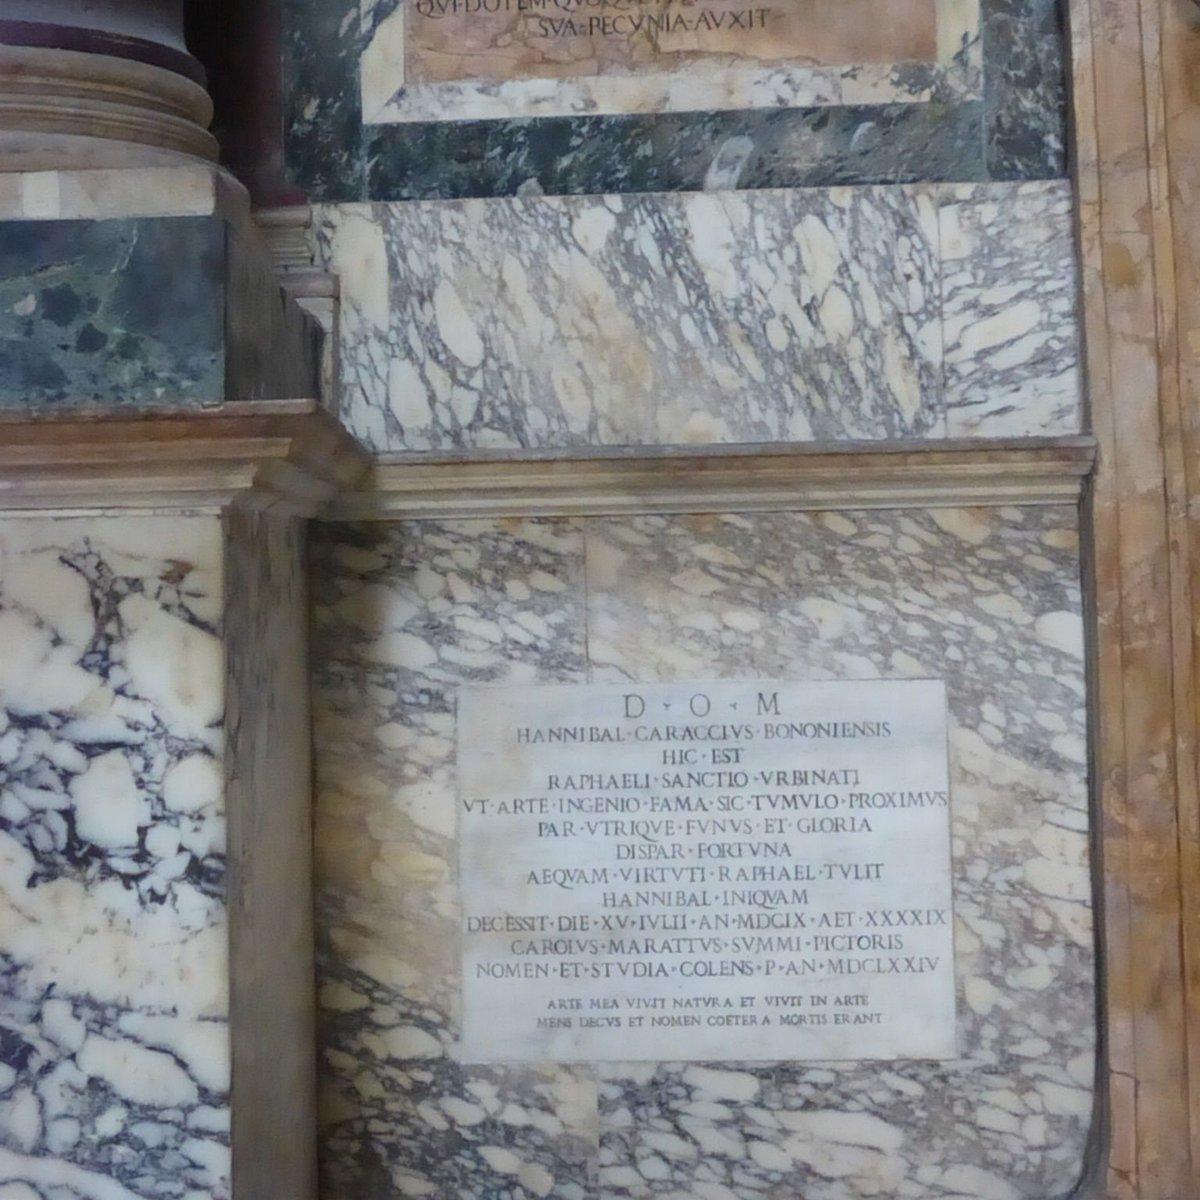 たしかに「〇〇の再来」は多いのだが、ベッローリの「ラファエッロの再来カラッチ」に対する入れ込みようは、パンテオンのラファエッロ墓の隣にカラッチのお墓を作っちゃうくらいだから筋金入りだよ。